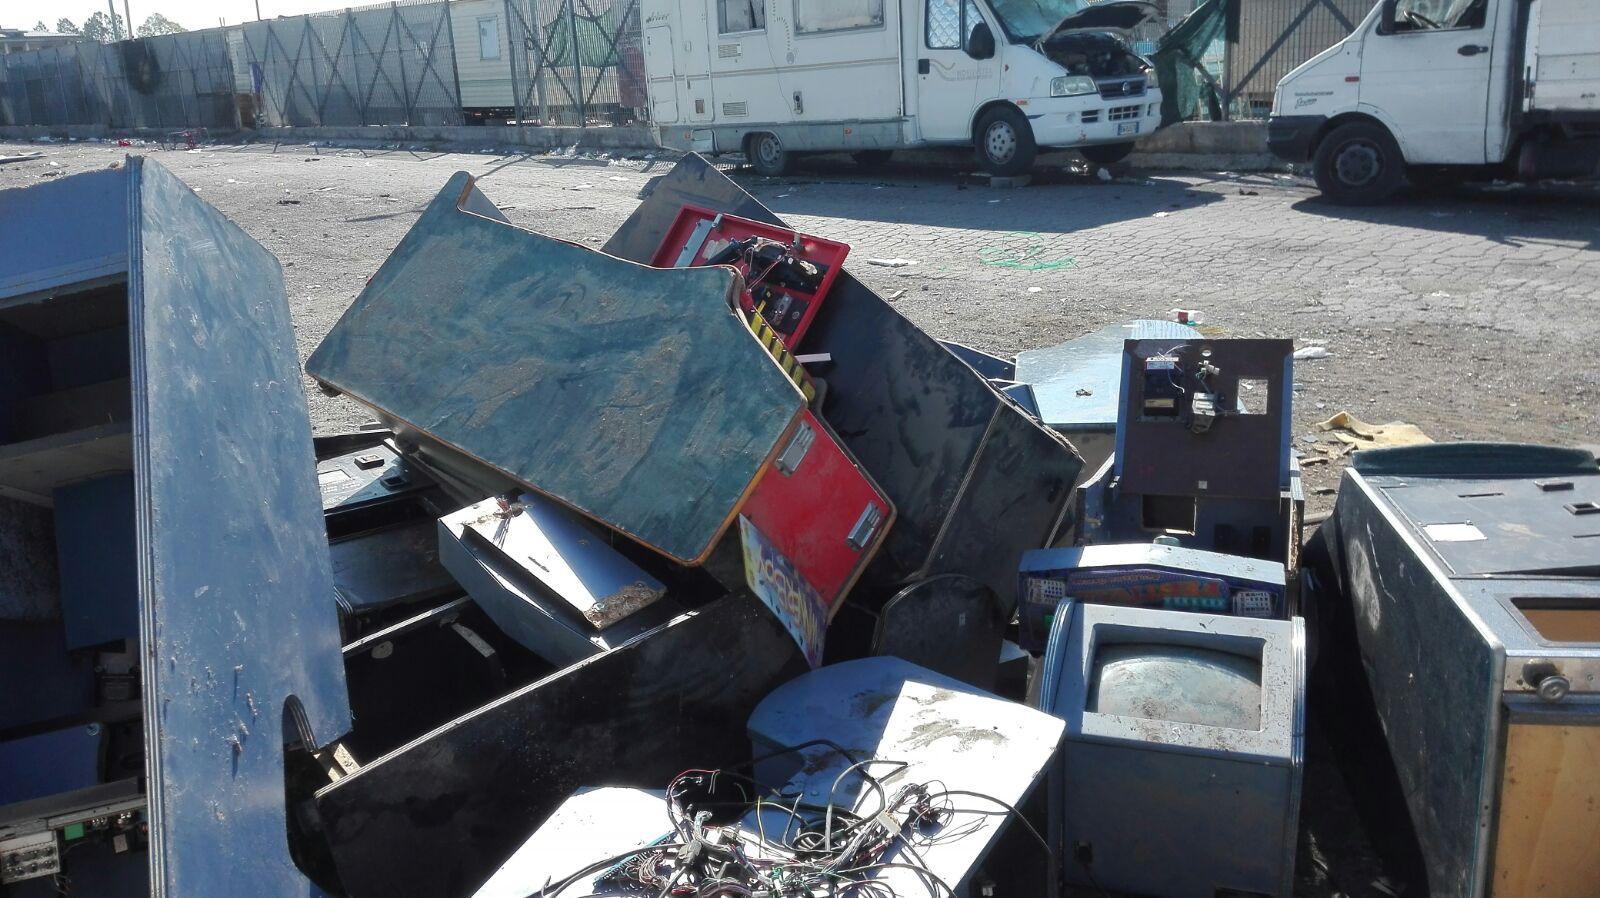 Montanari,comunicate a Ministero Ambiente e Regione localizzazioni impianti per una migliore gestione dei rifiuti